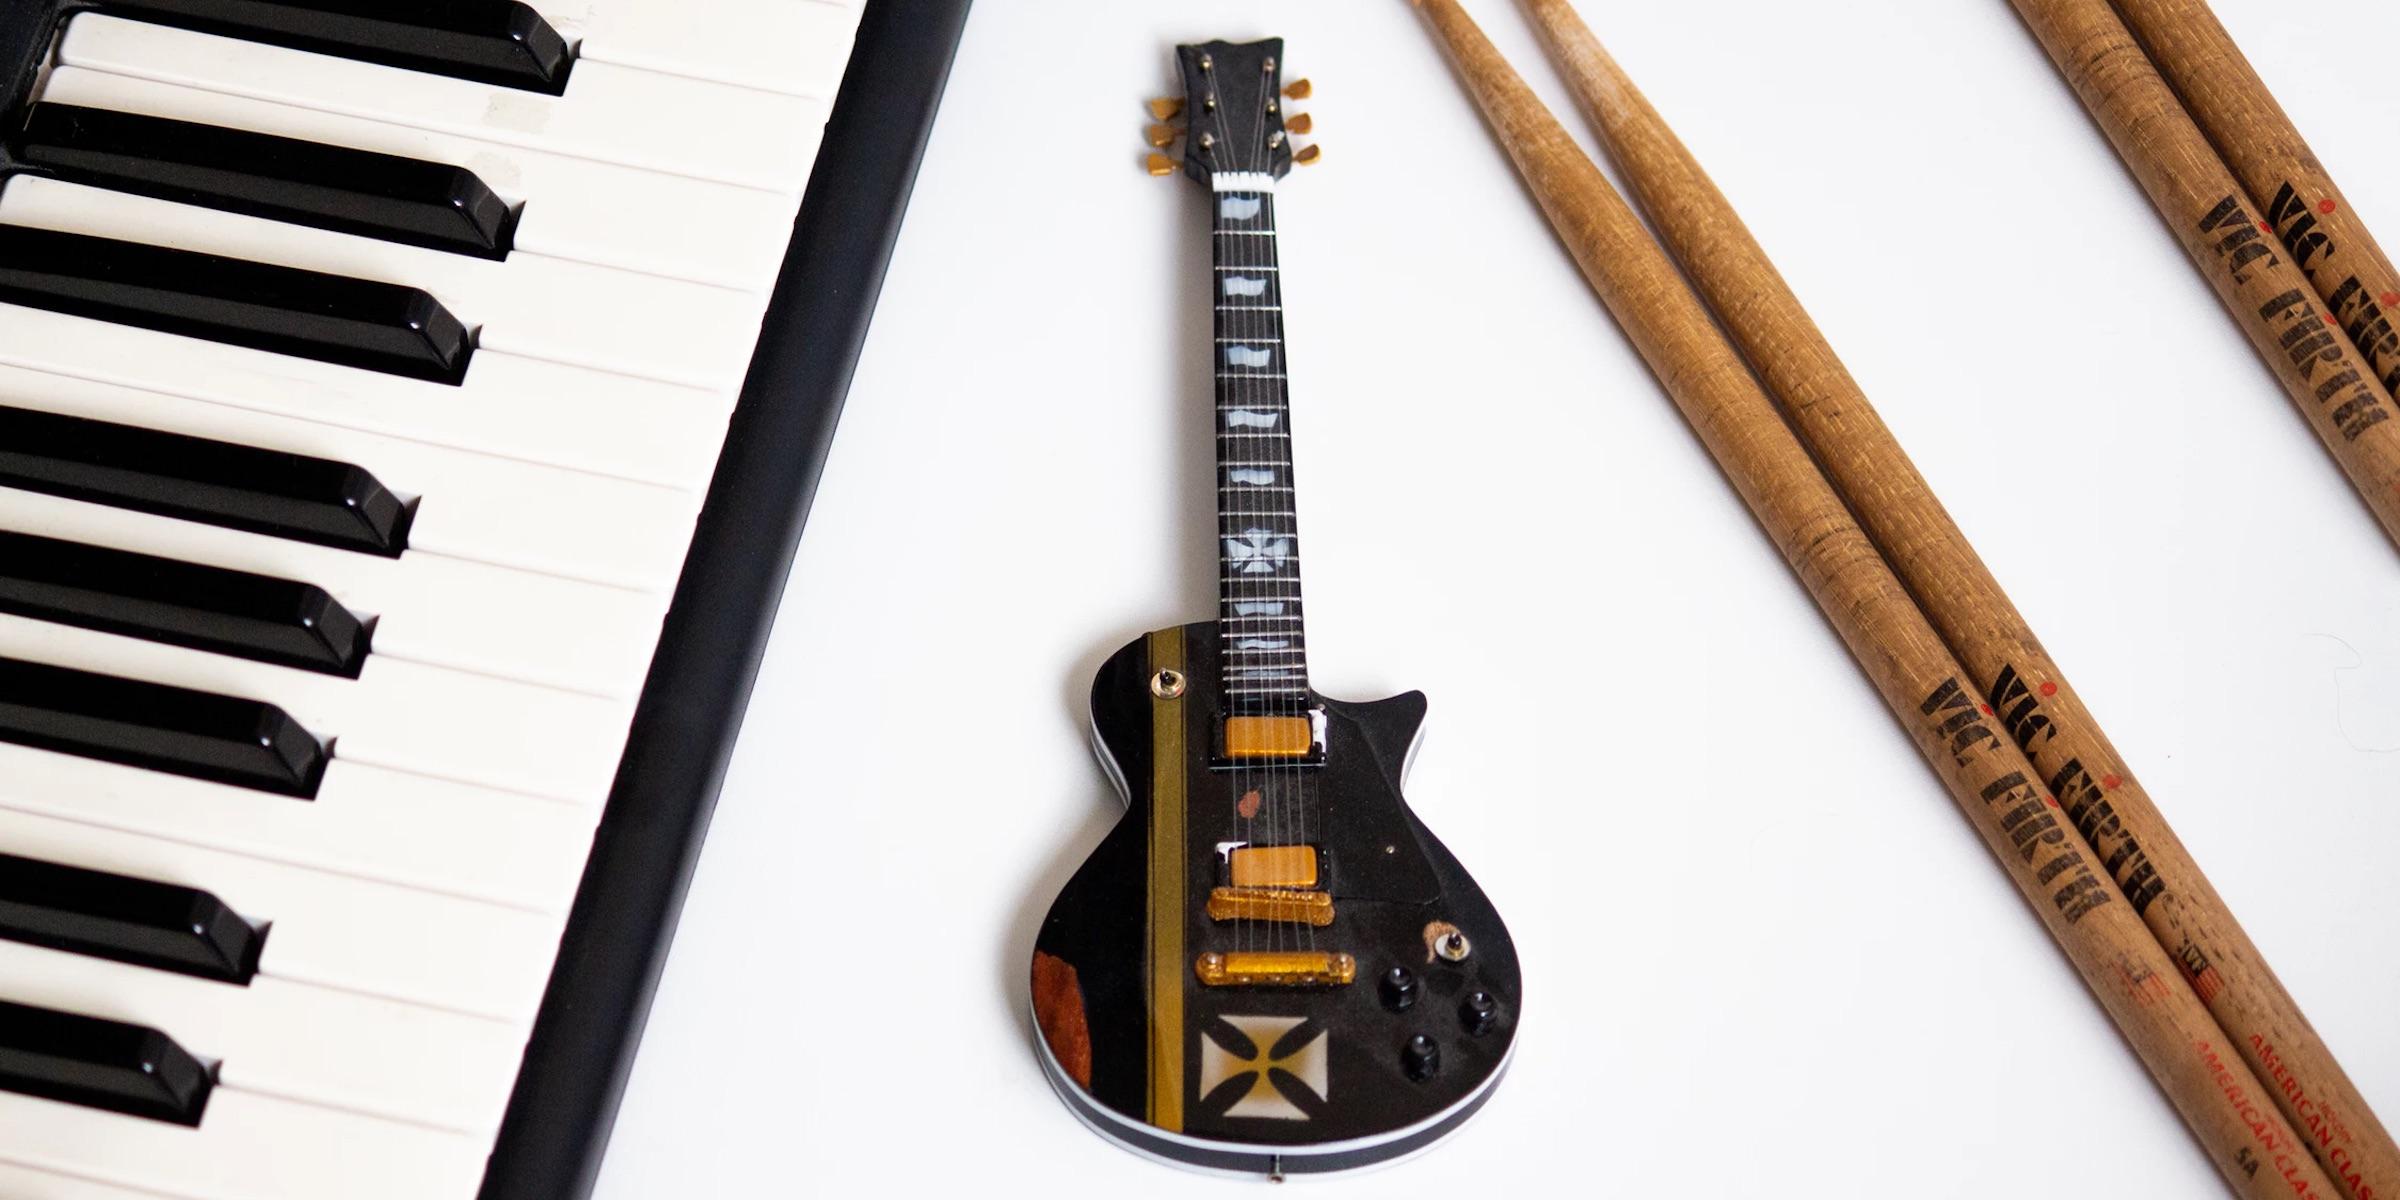 Instrumentos Musicales - Guitarras - Teclados - Baterías - Trompetas